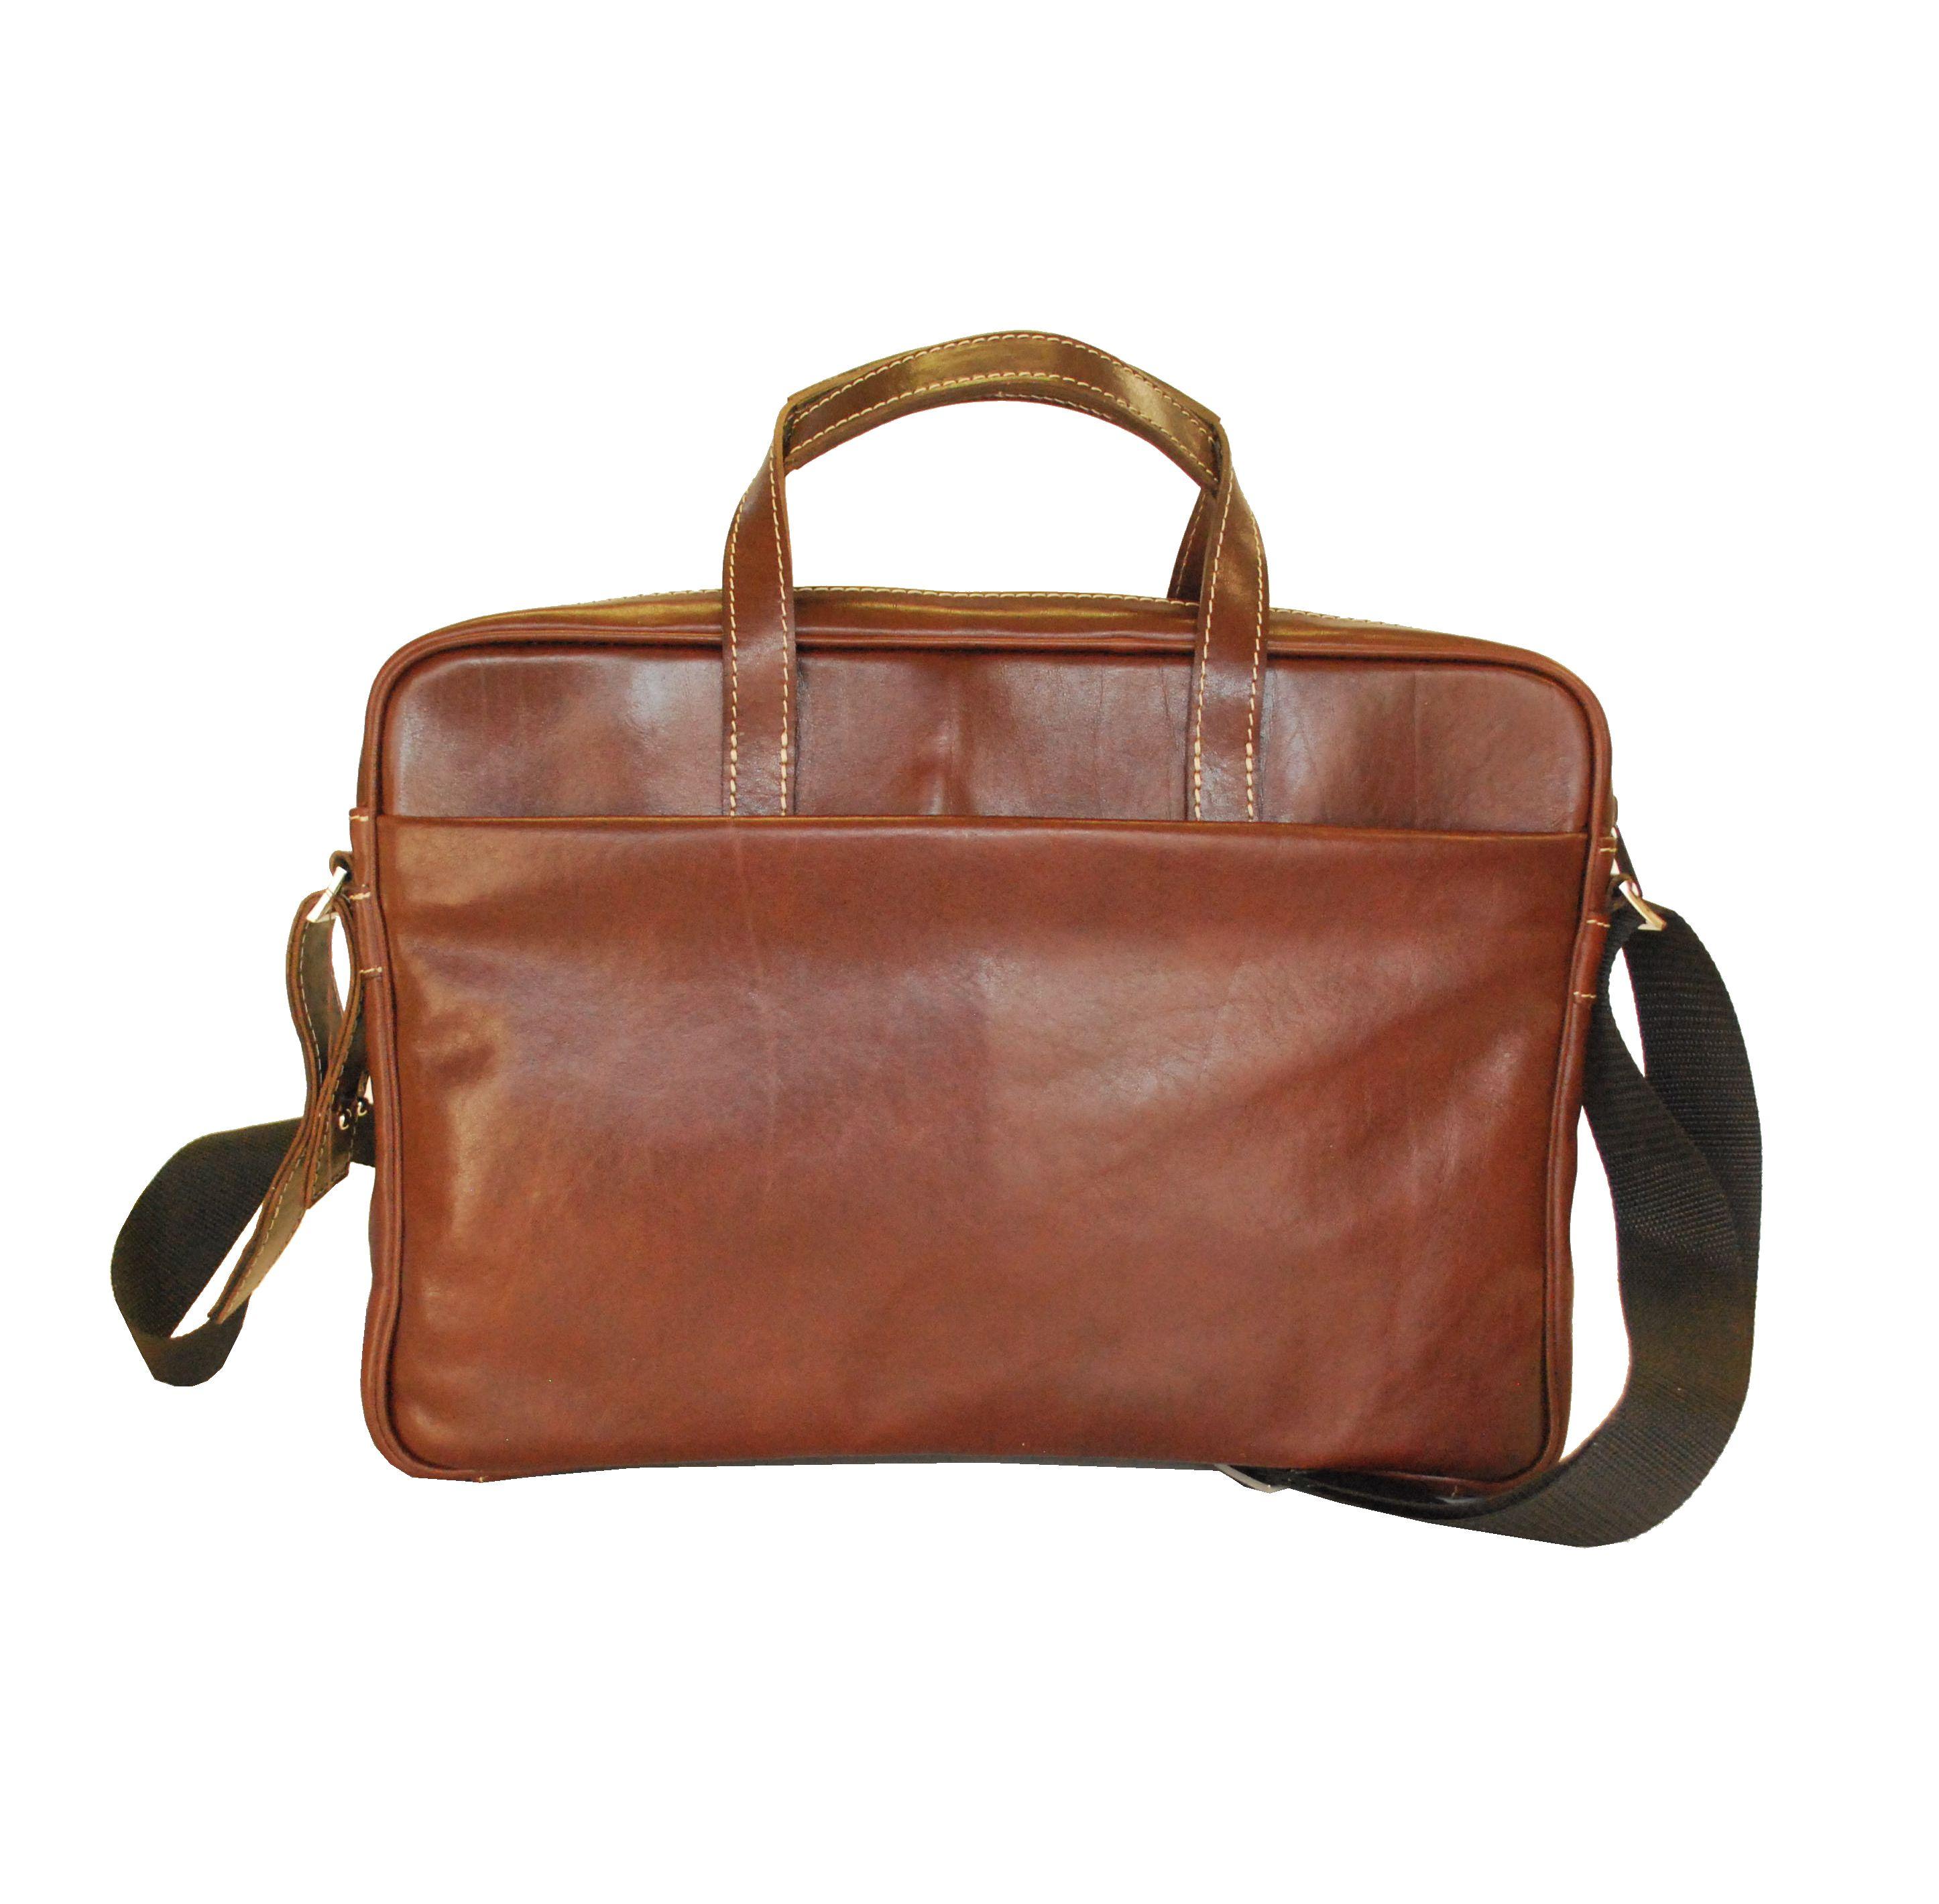 e09160cb08 Kožená elegantná taška na notebook v hnedej farbe